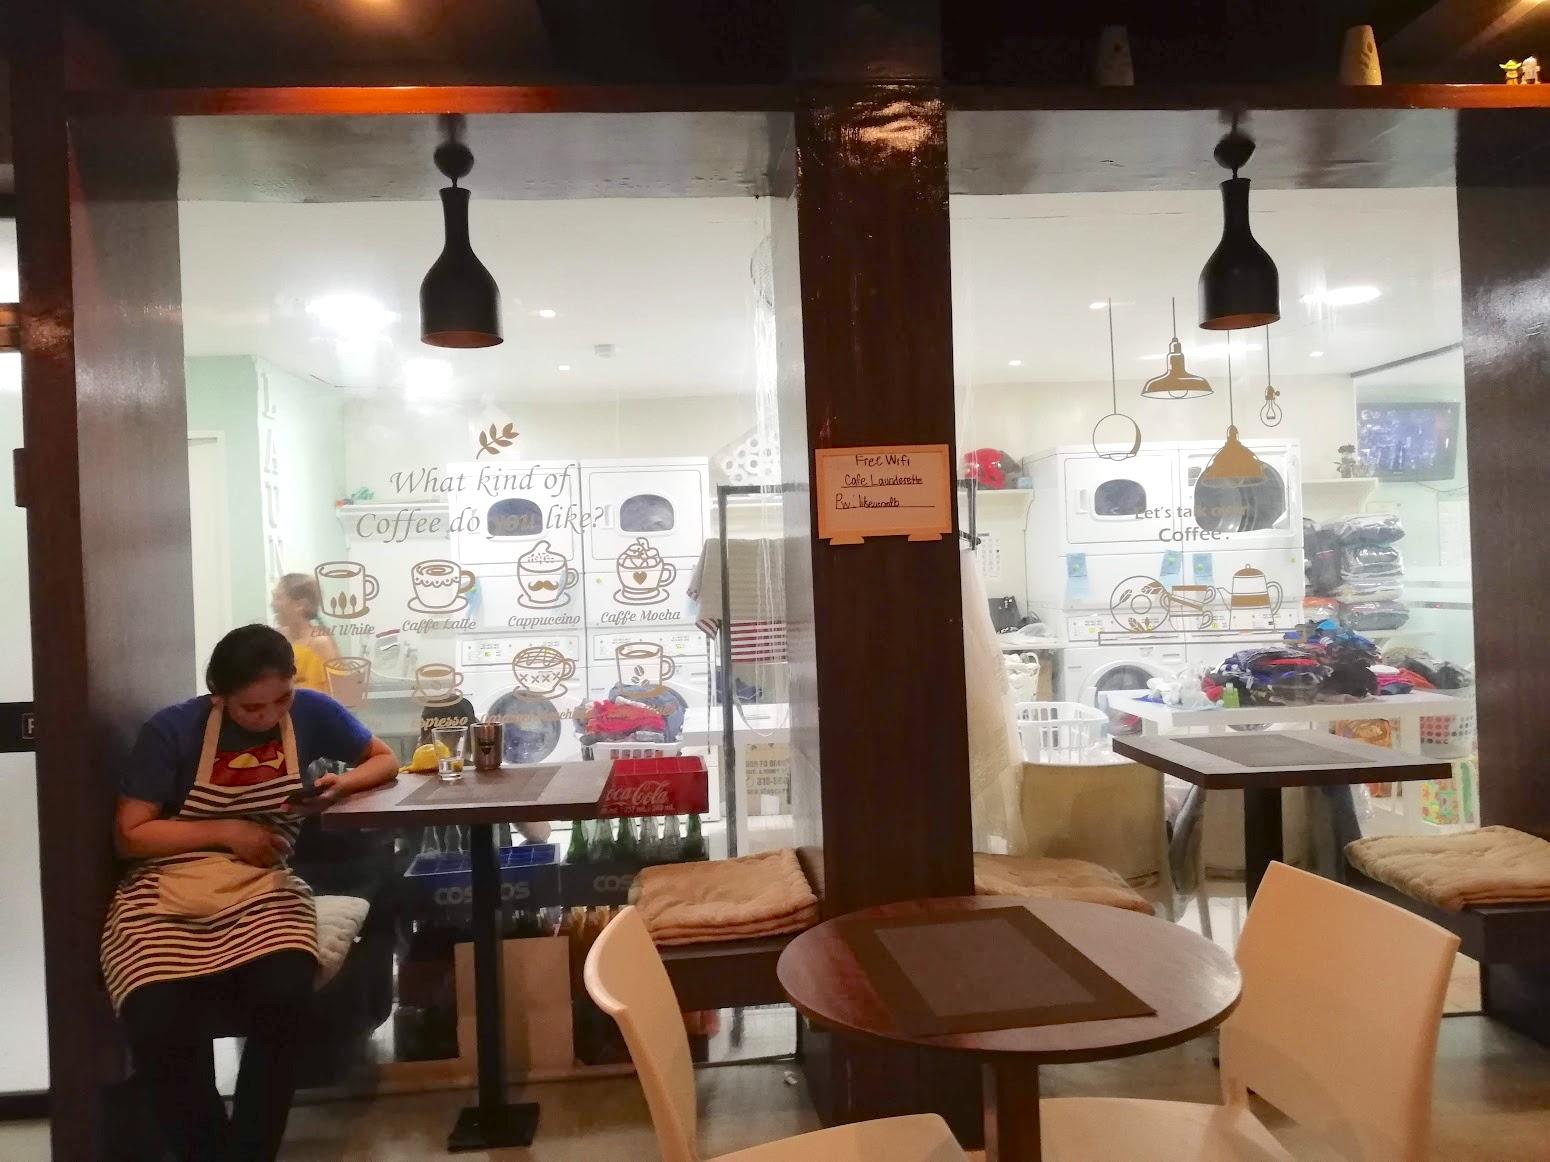 【当日OK】セブにあるお洒落カフェ併設のランドリーショップ!